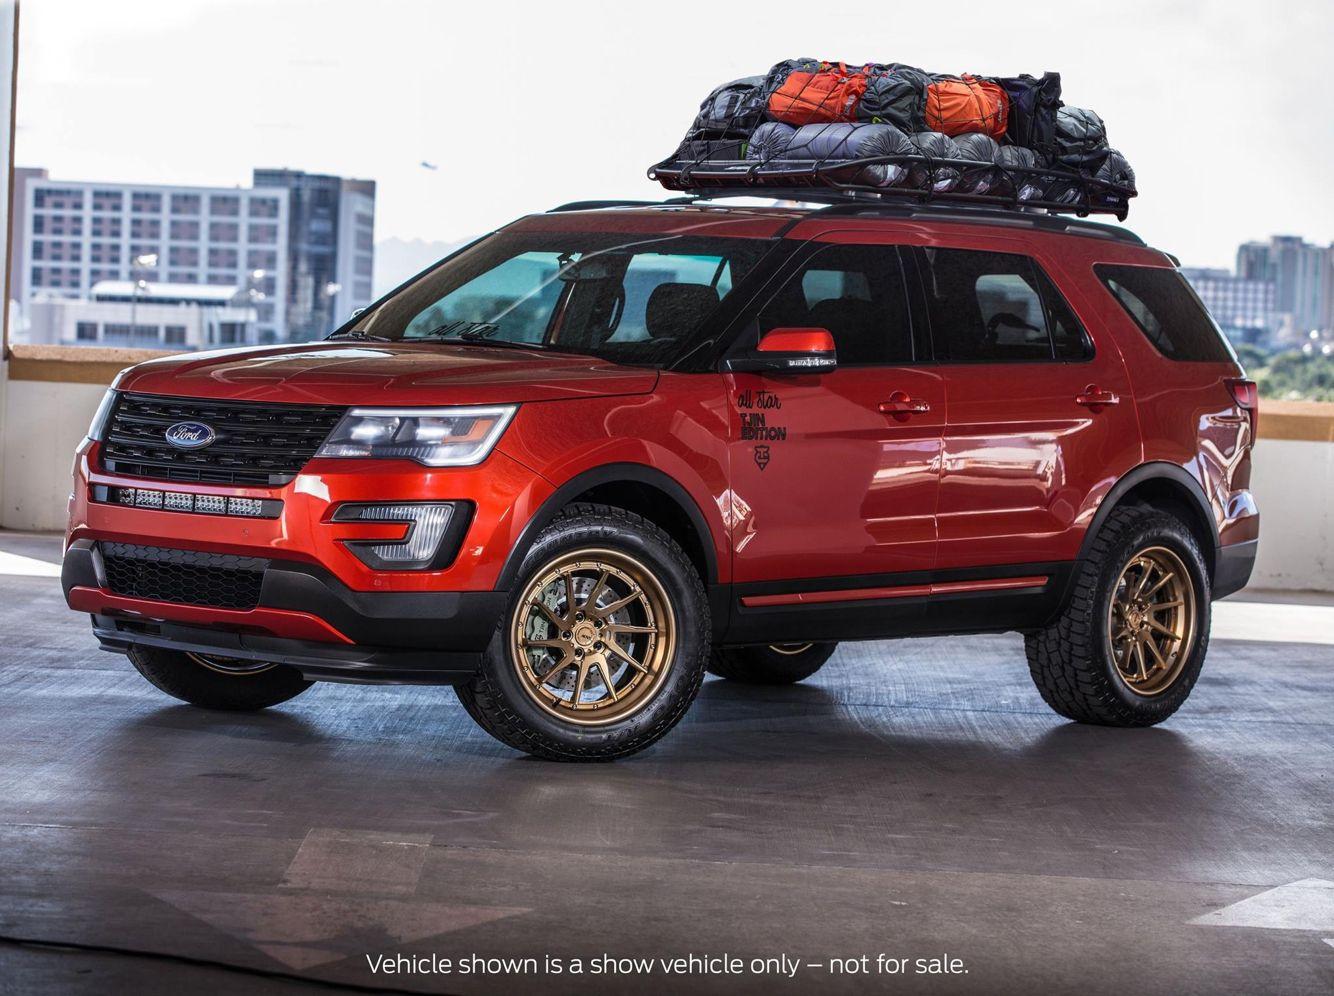 Ford Explorer! Sema 2015 Ford explorer, 2020 ford